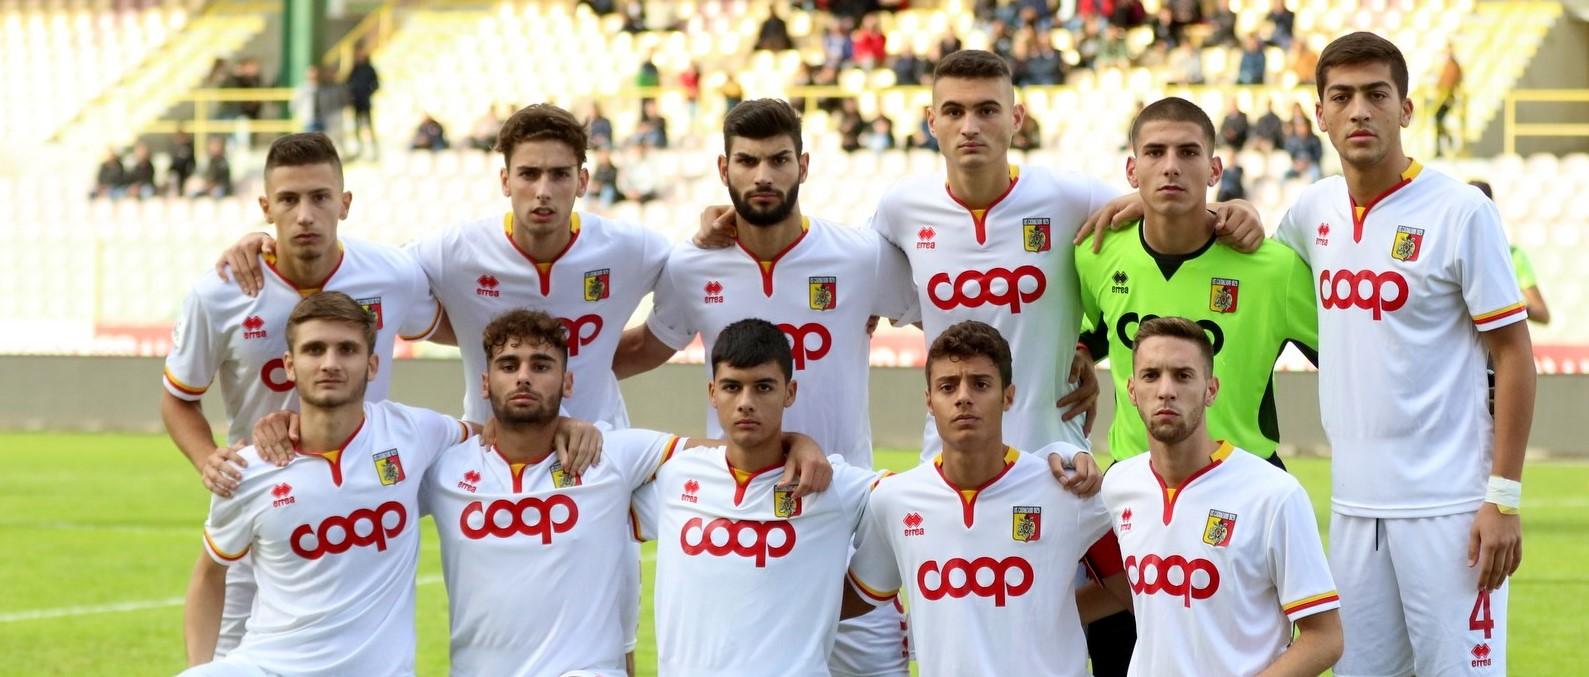 Berretti da sola in testa, volano anche Under 15 Lega Pro e Regionali